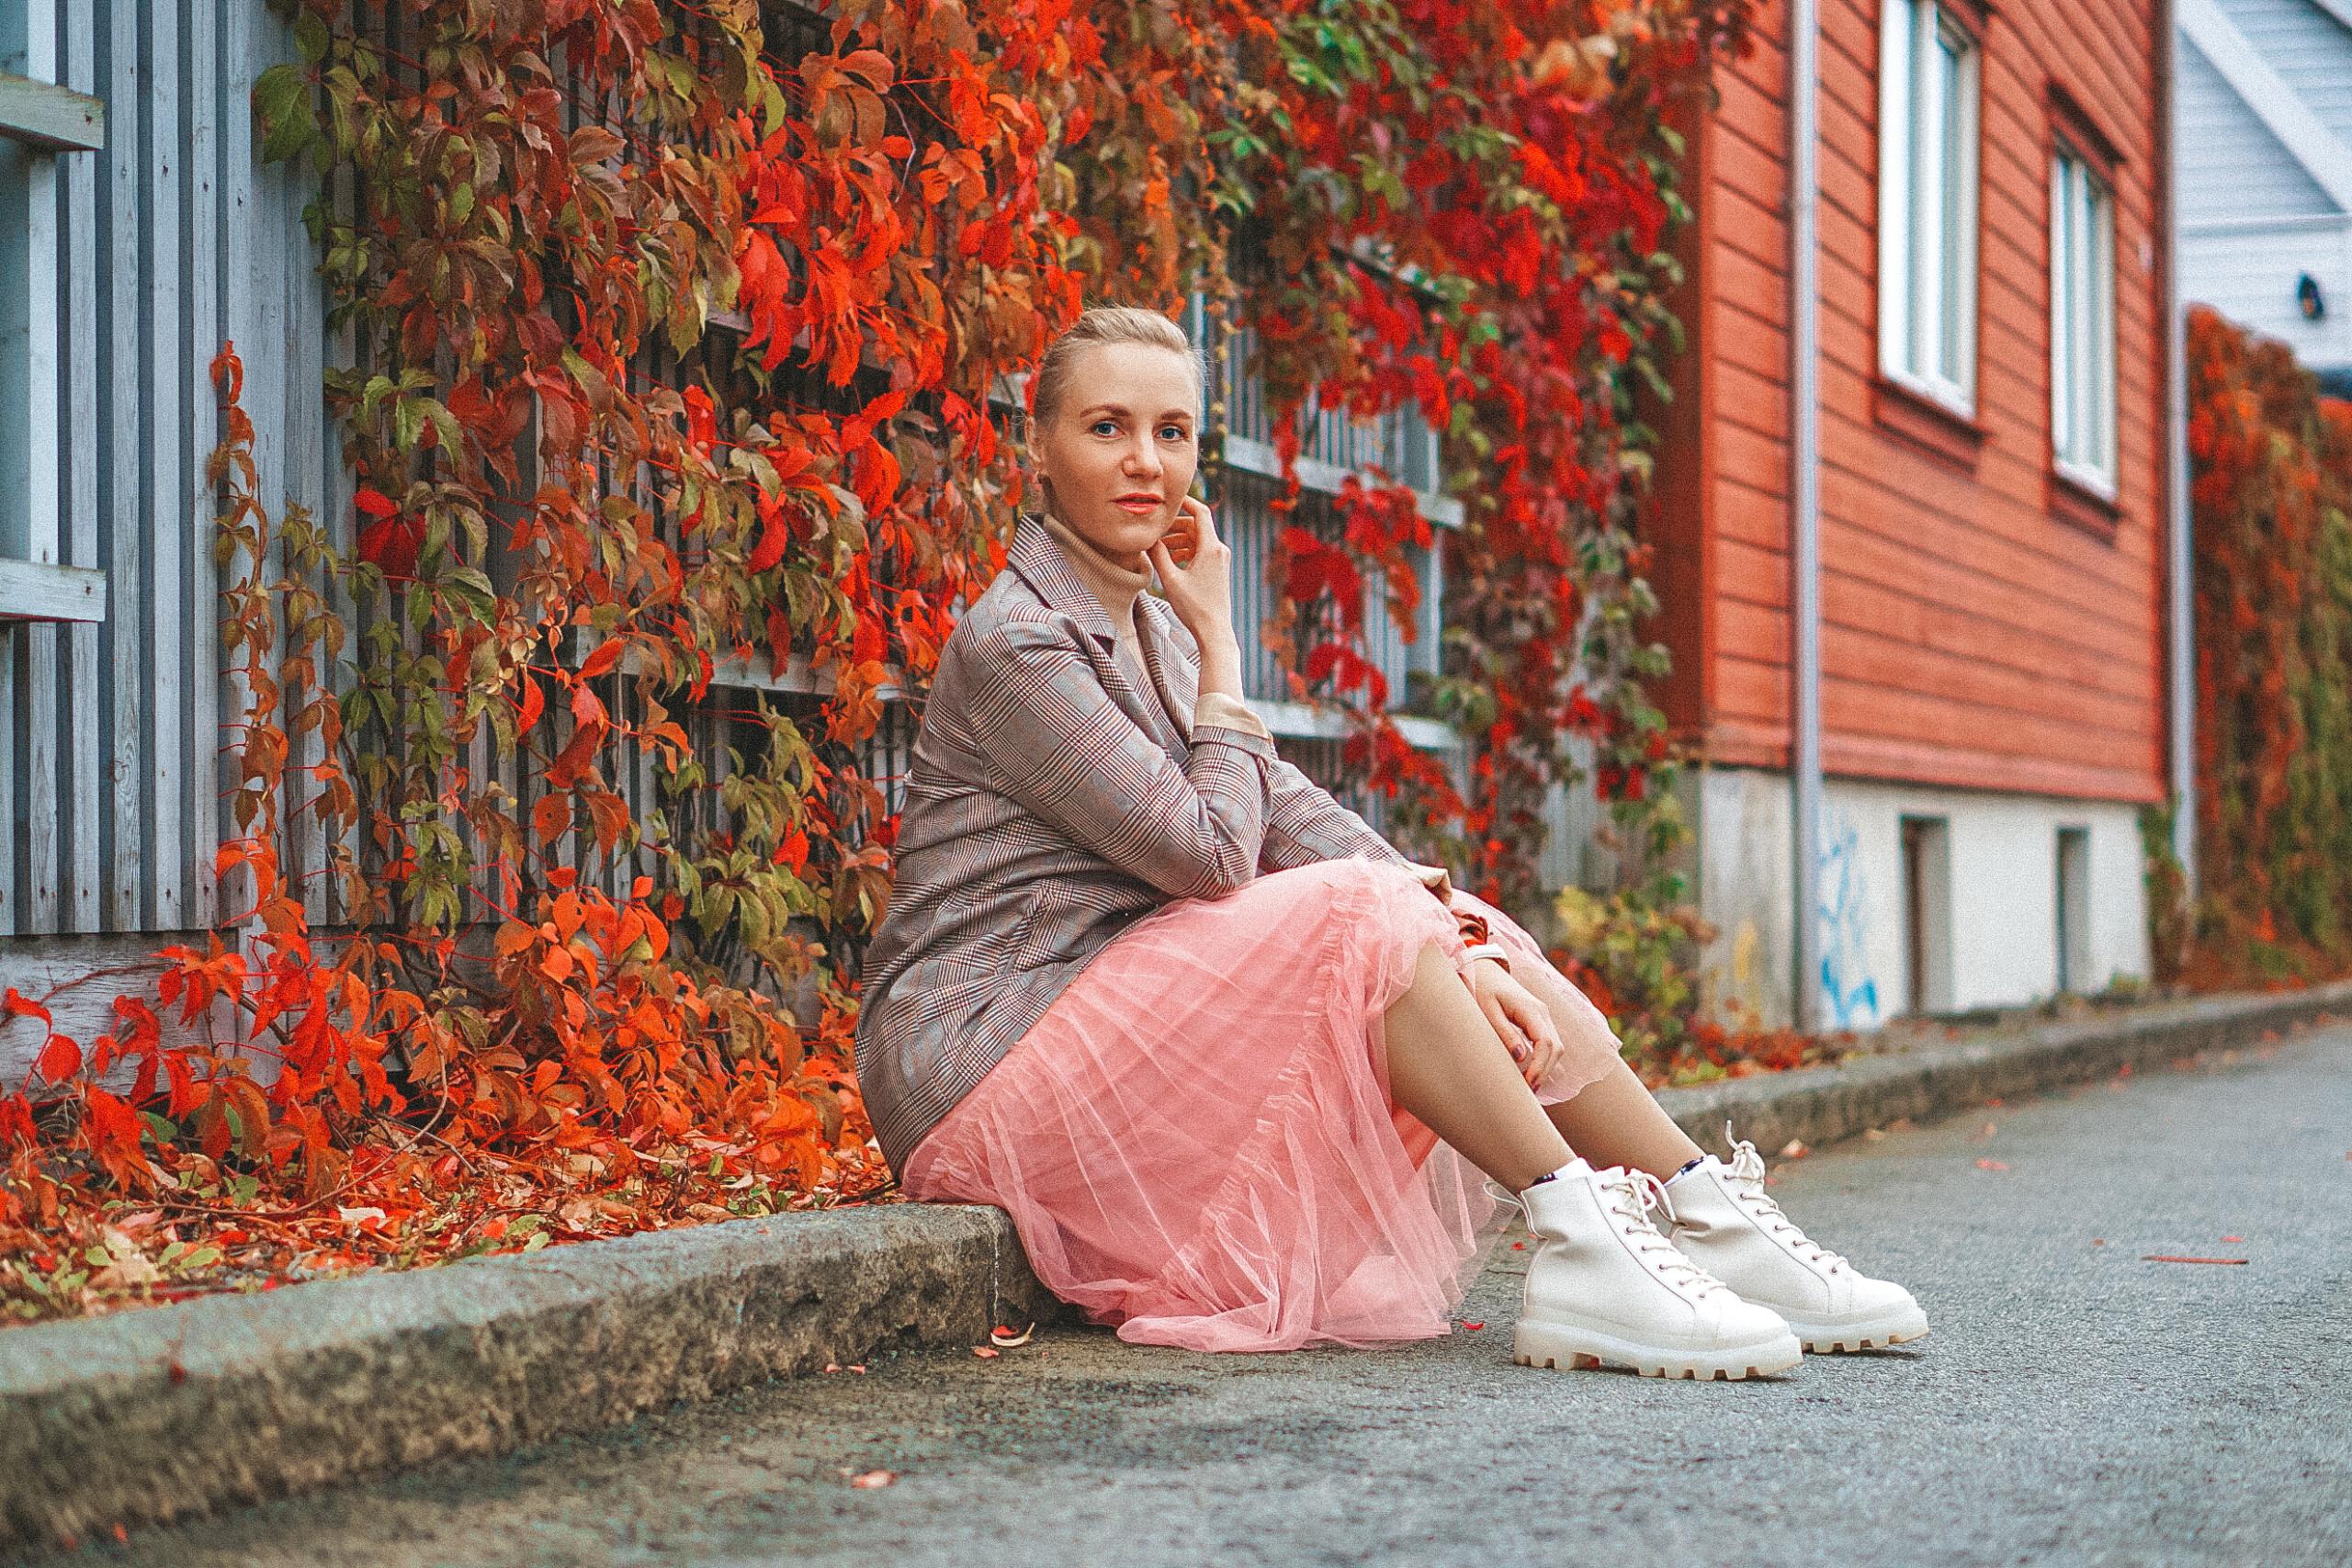 høsten stavanger outfit